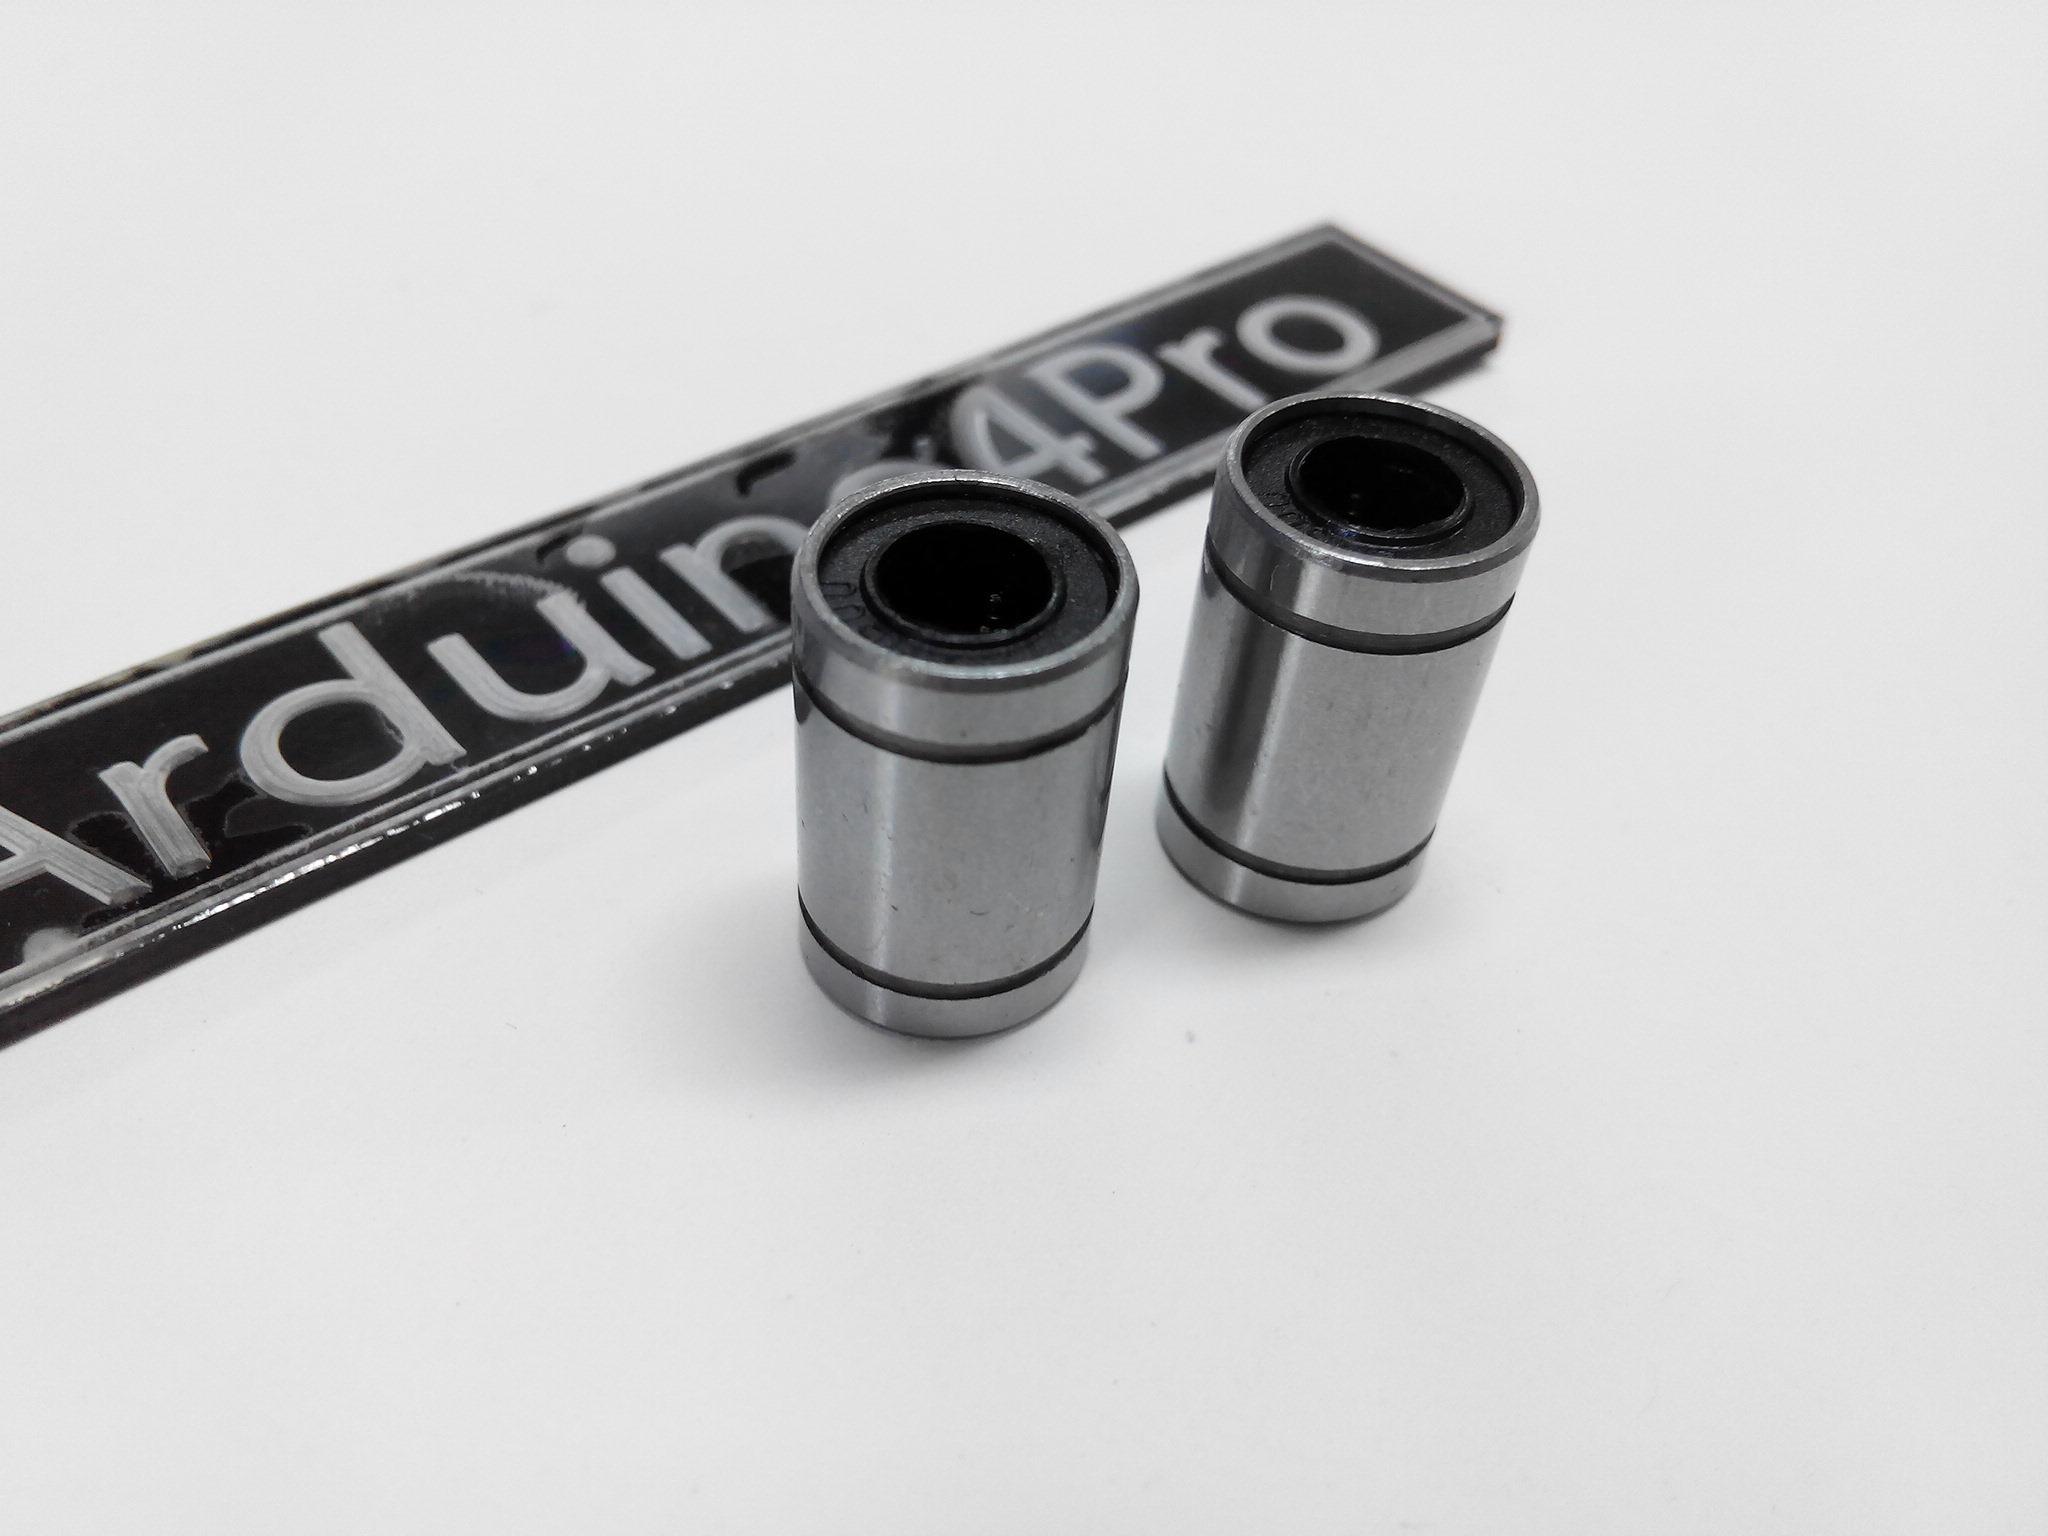 6mm Linear Ball Bearing (6x12x19mm/ตัวสั้น)